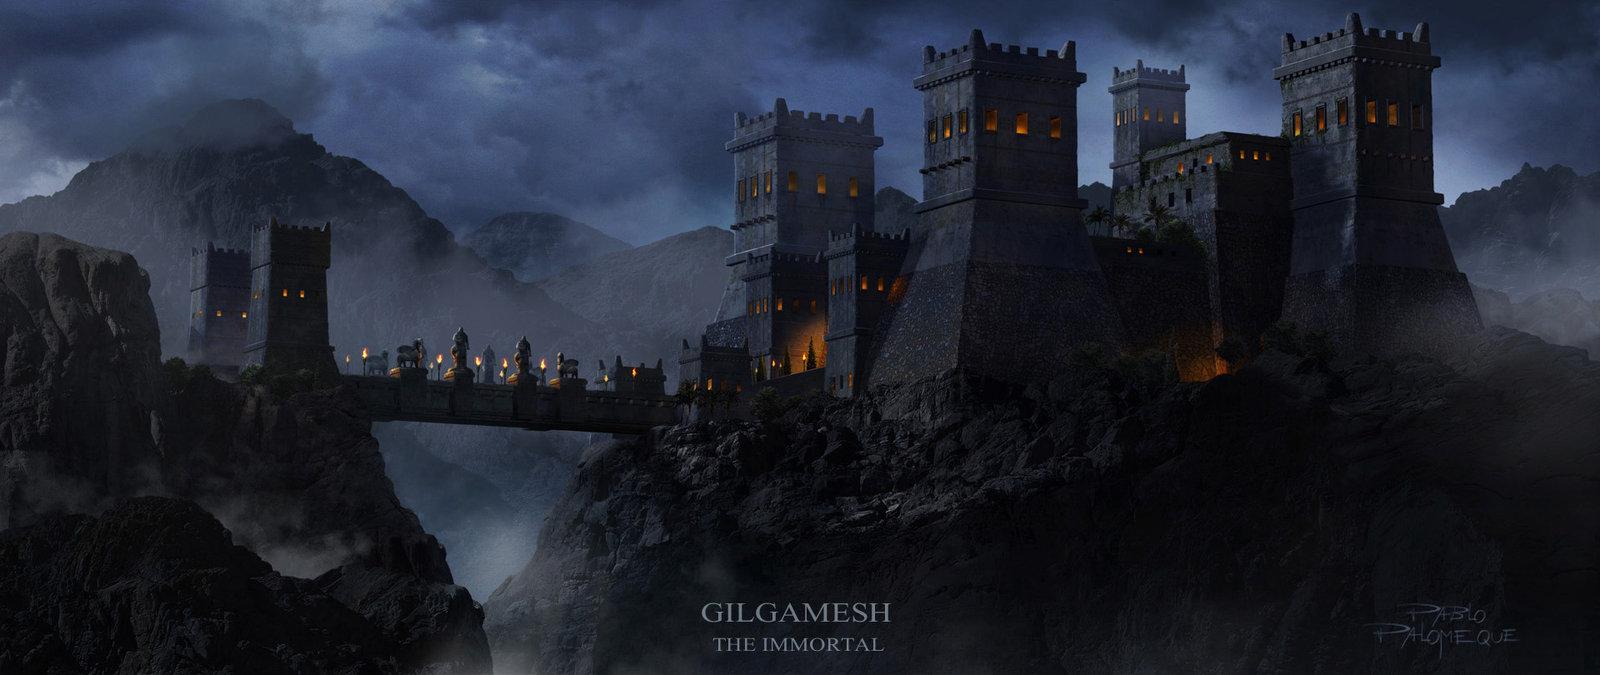 Gilgamesh_2